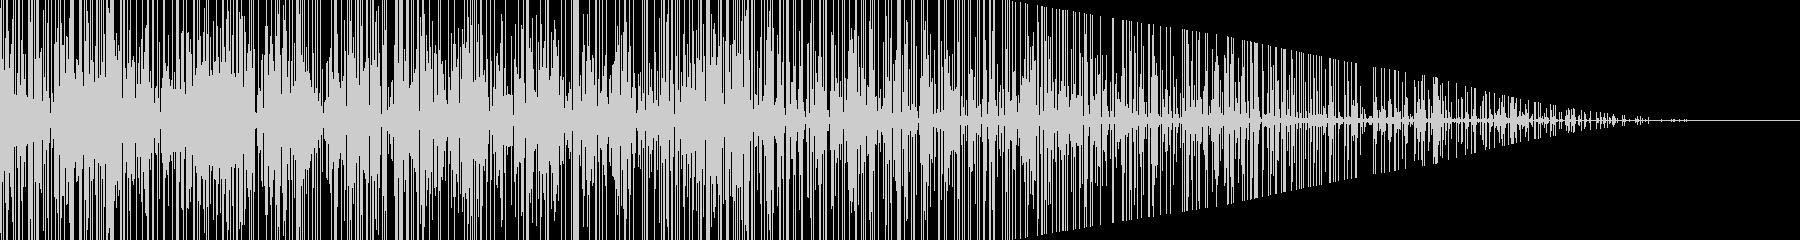 パチパチ…枯れ木と燃やしている音の未再生の波形